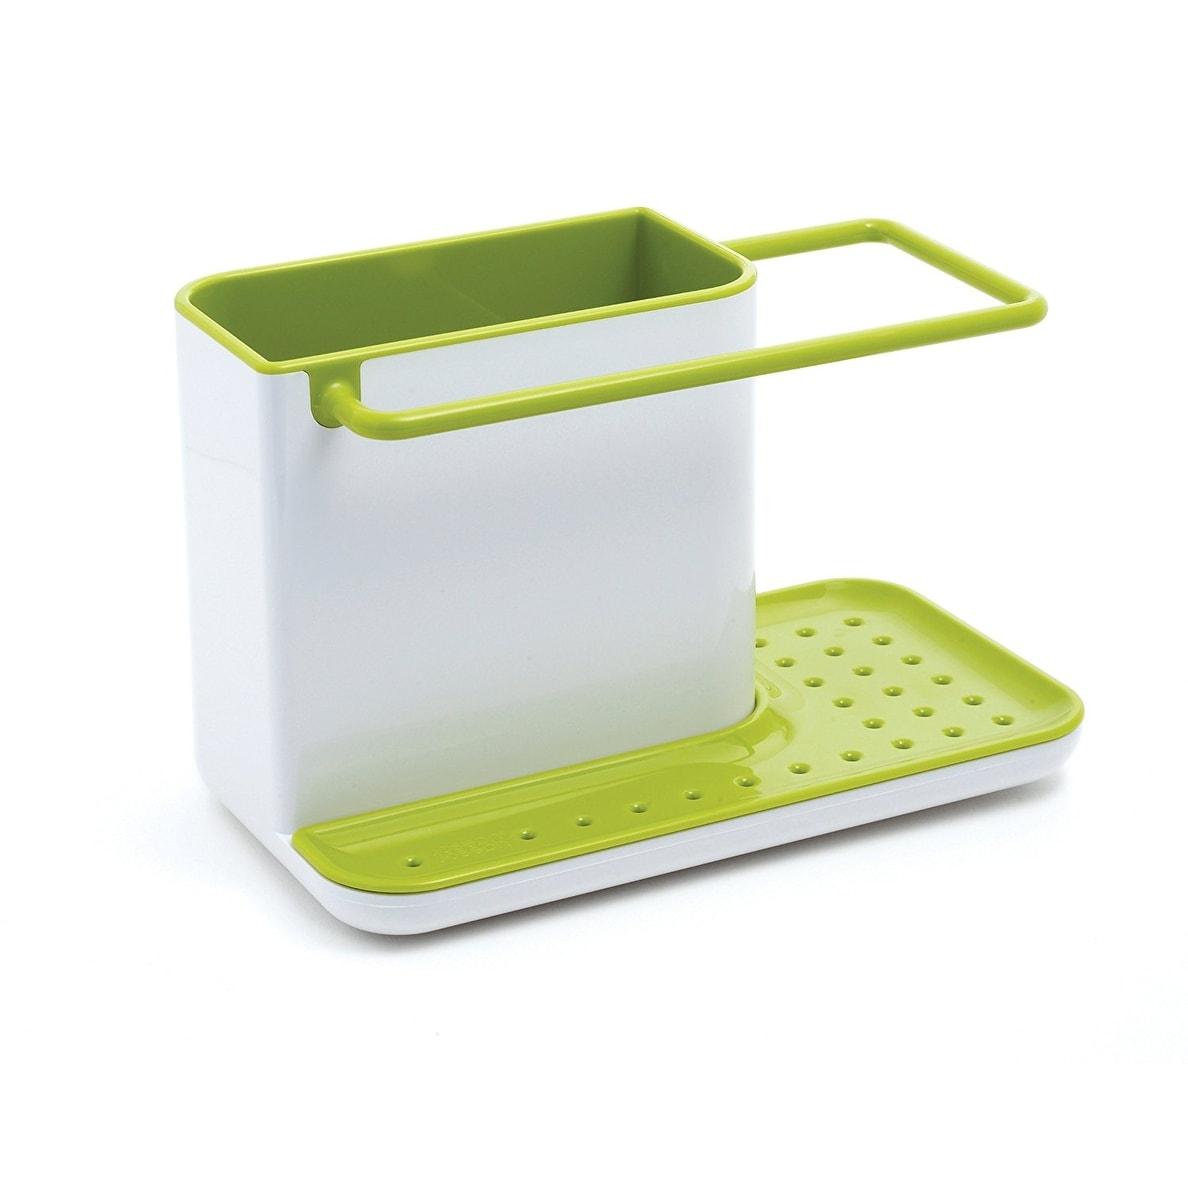 Joseph Joseph Sink Caddy Kitchen Sink Organizer Holder Green White On Sale Overstock 17817375